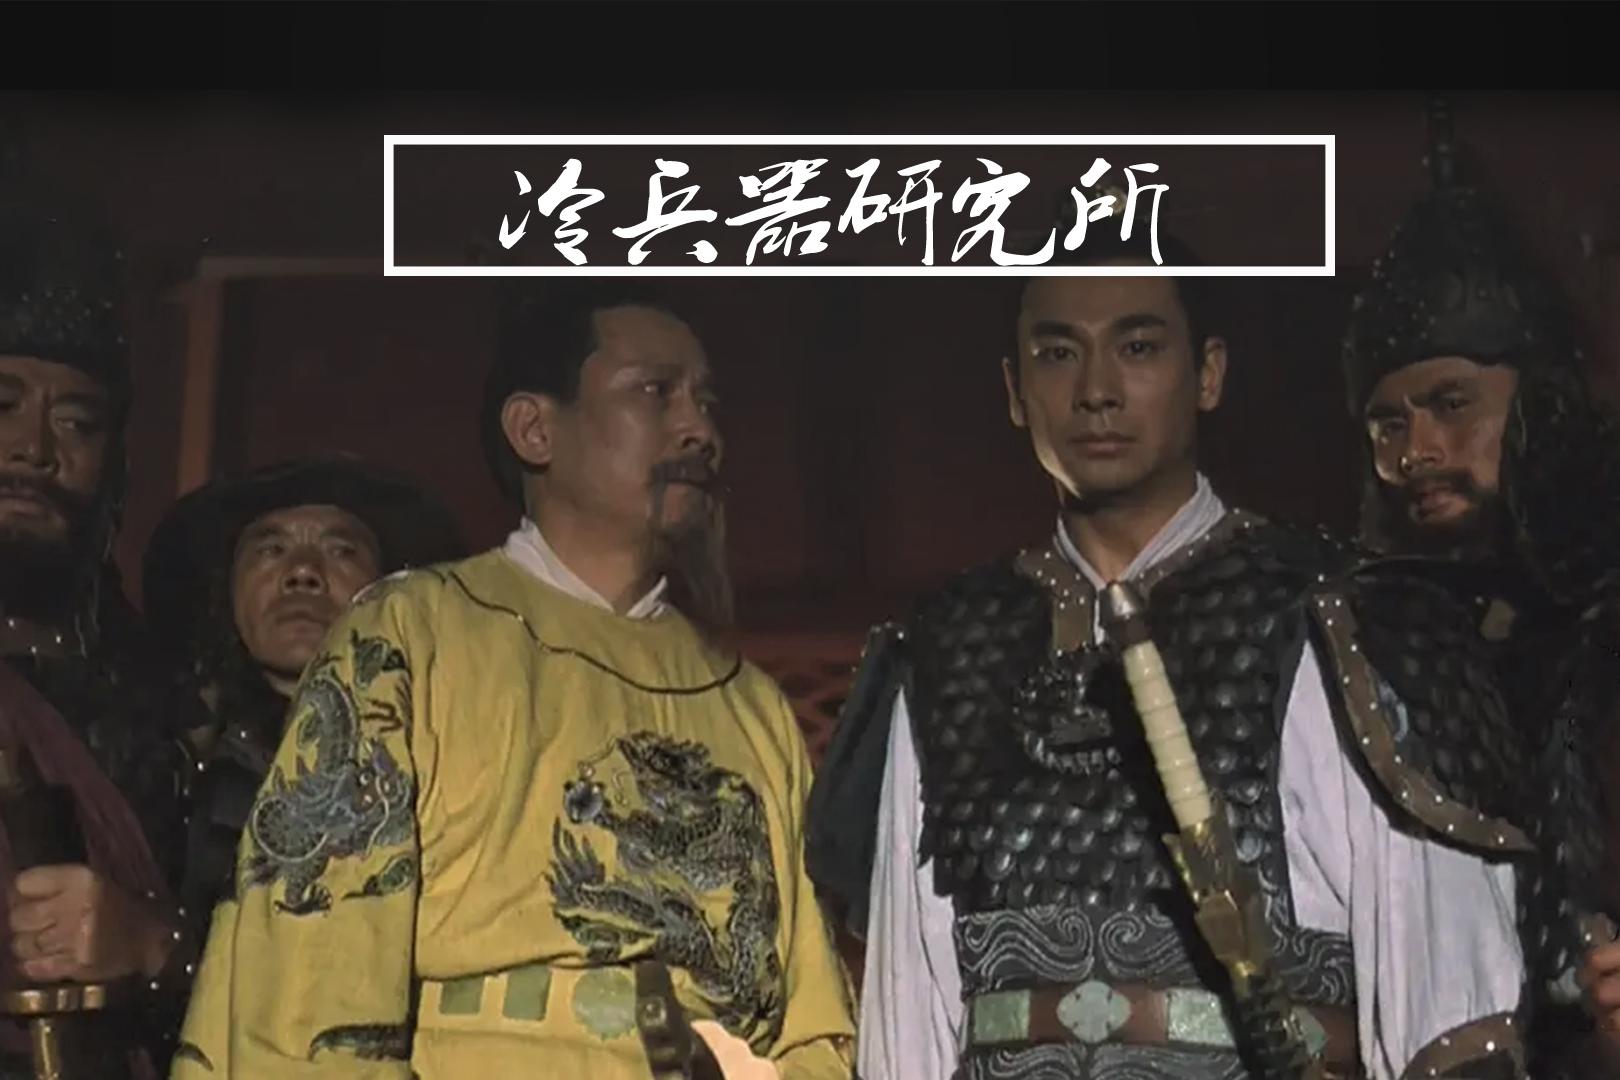 1662年收复台湾前,郑成功在厦门待了15年,都在忙些啥?